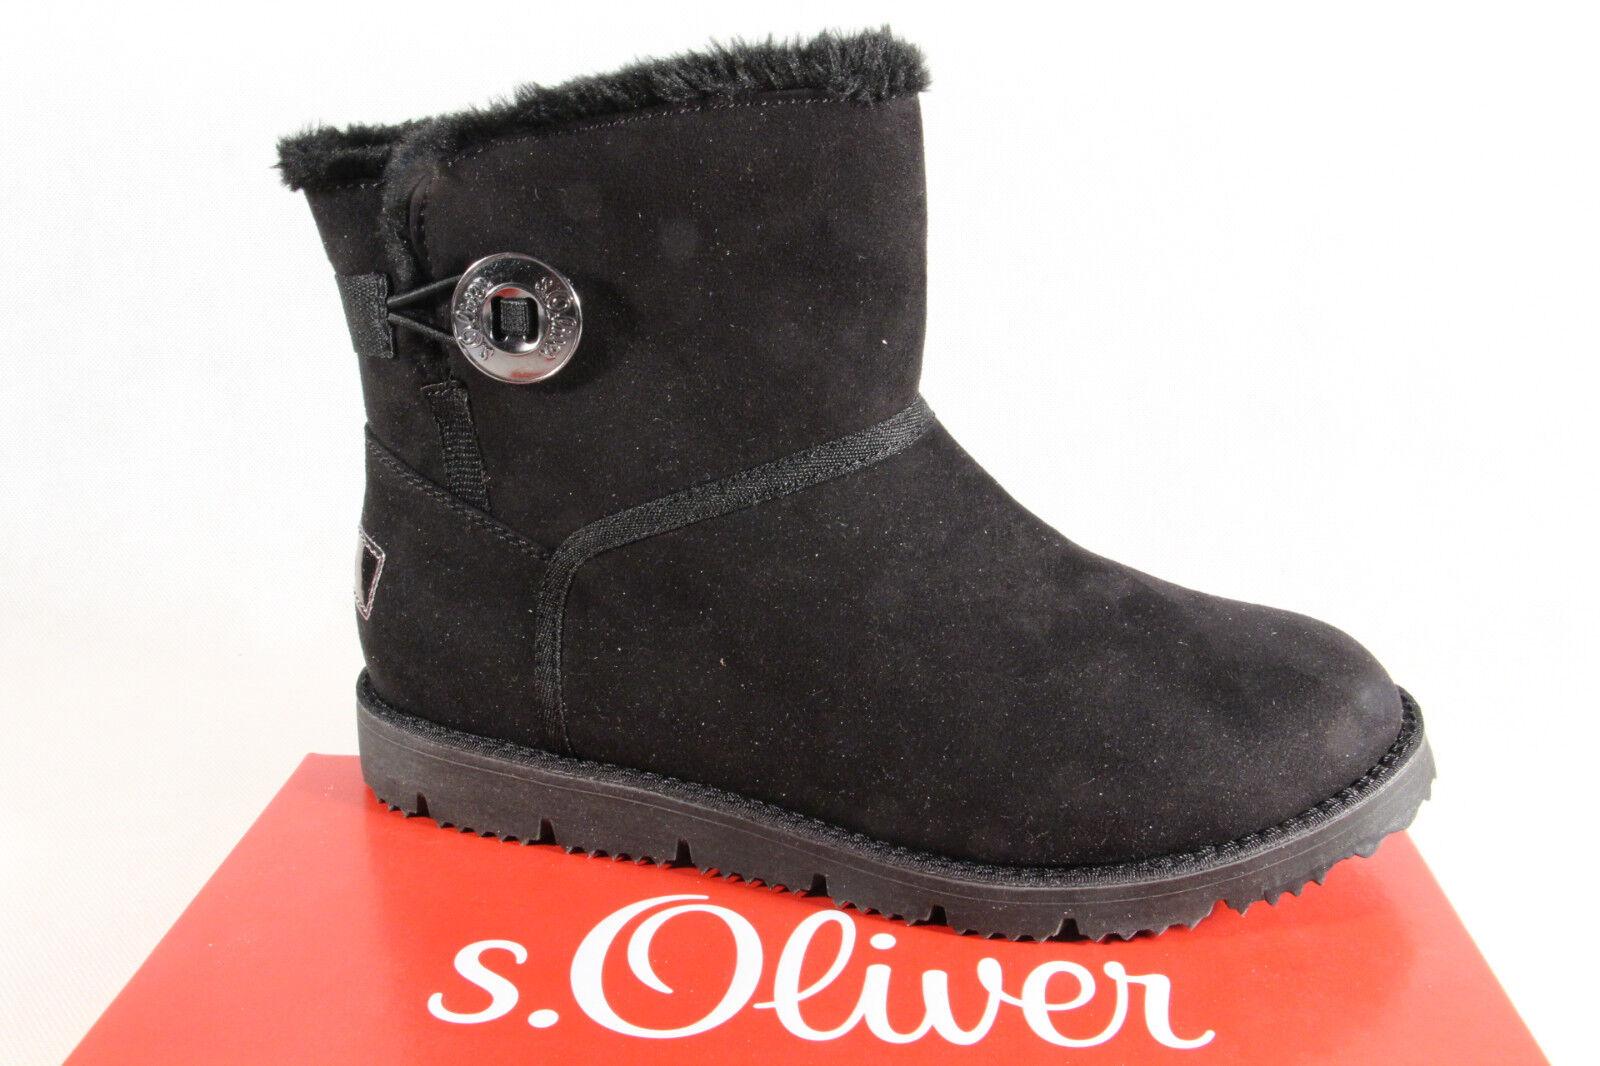 S.Oliver Damen Stiefel Stiefeletten Winterstiefel Stiefel schwarz 26412   NEU